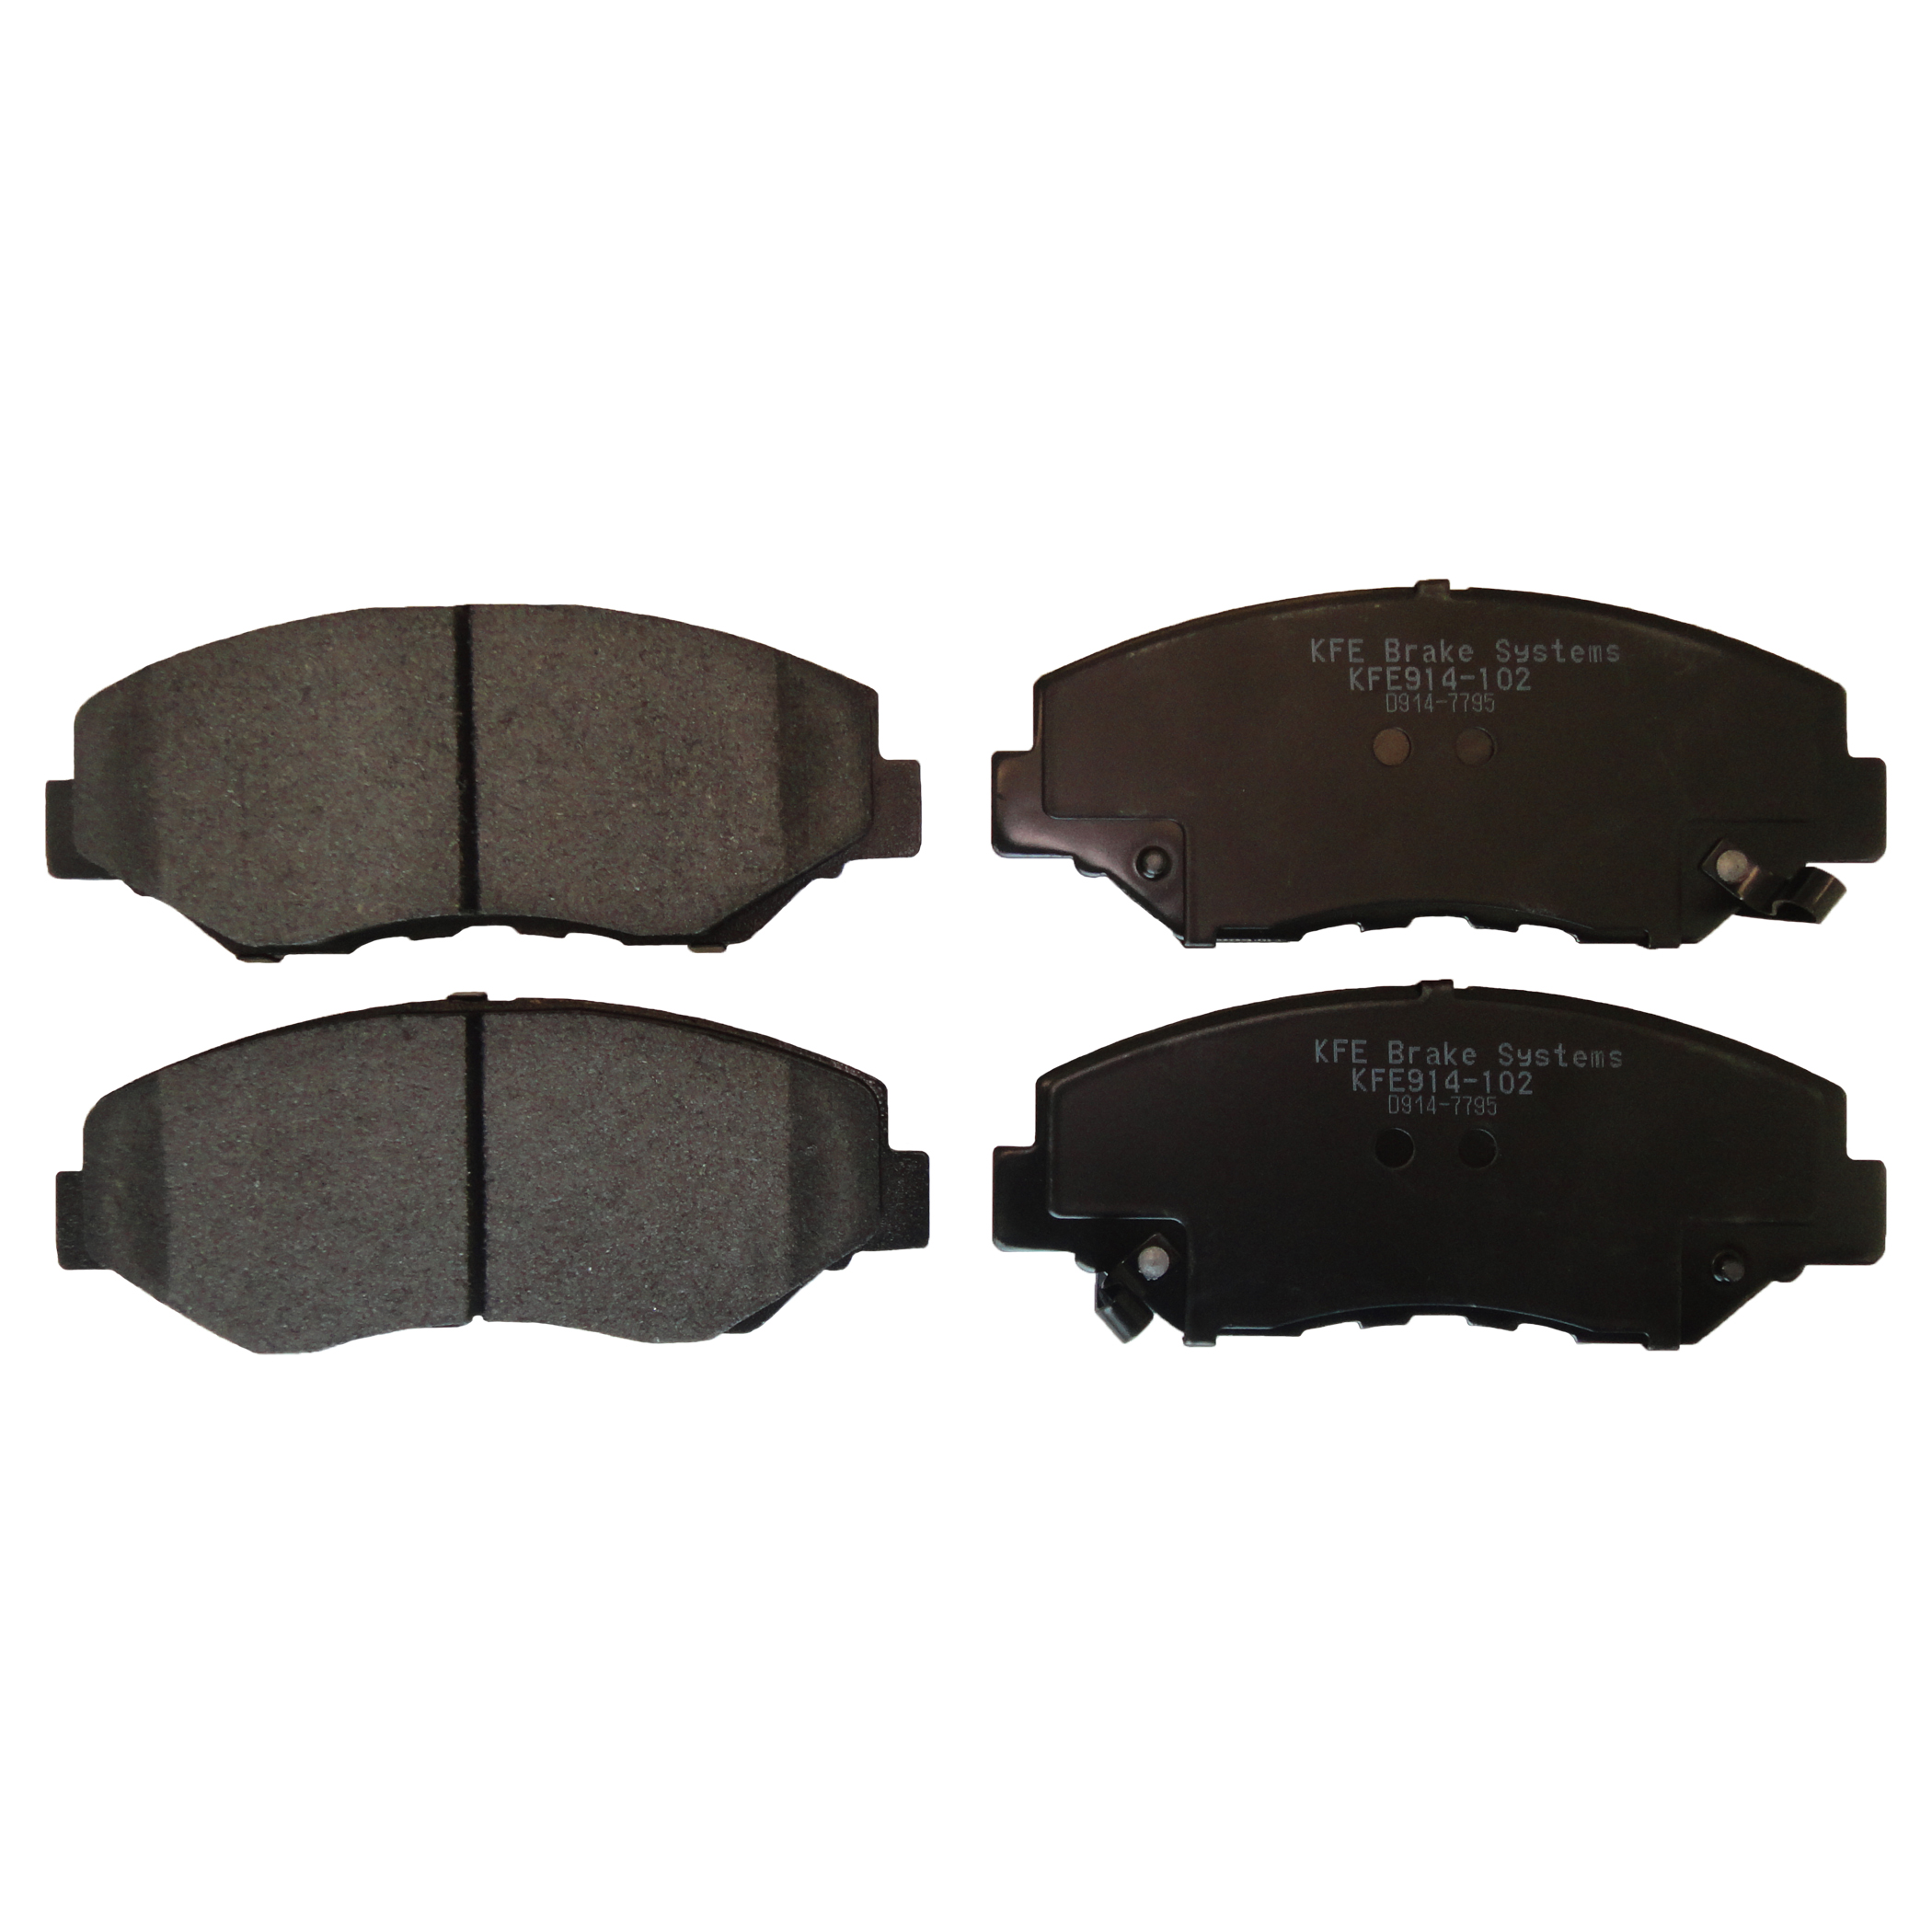 KFE914-102 Quiet Comfort OE Brake Pad